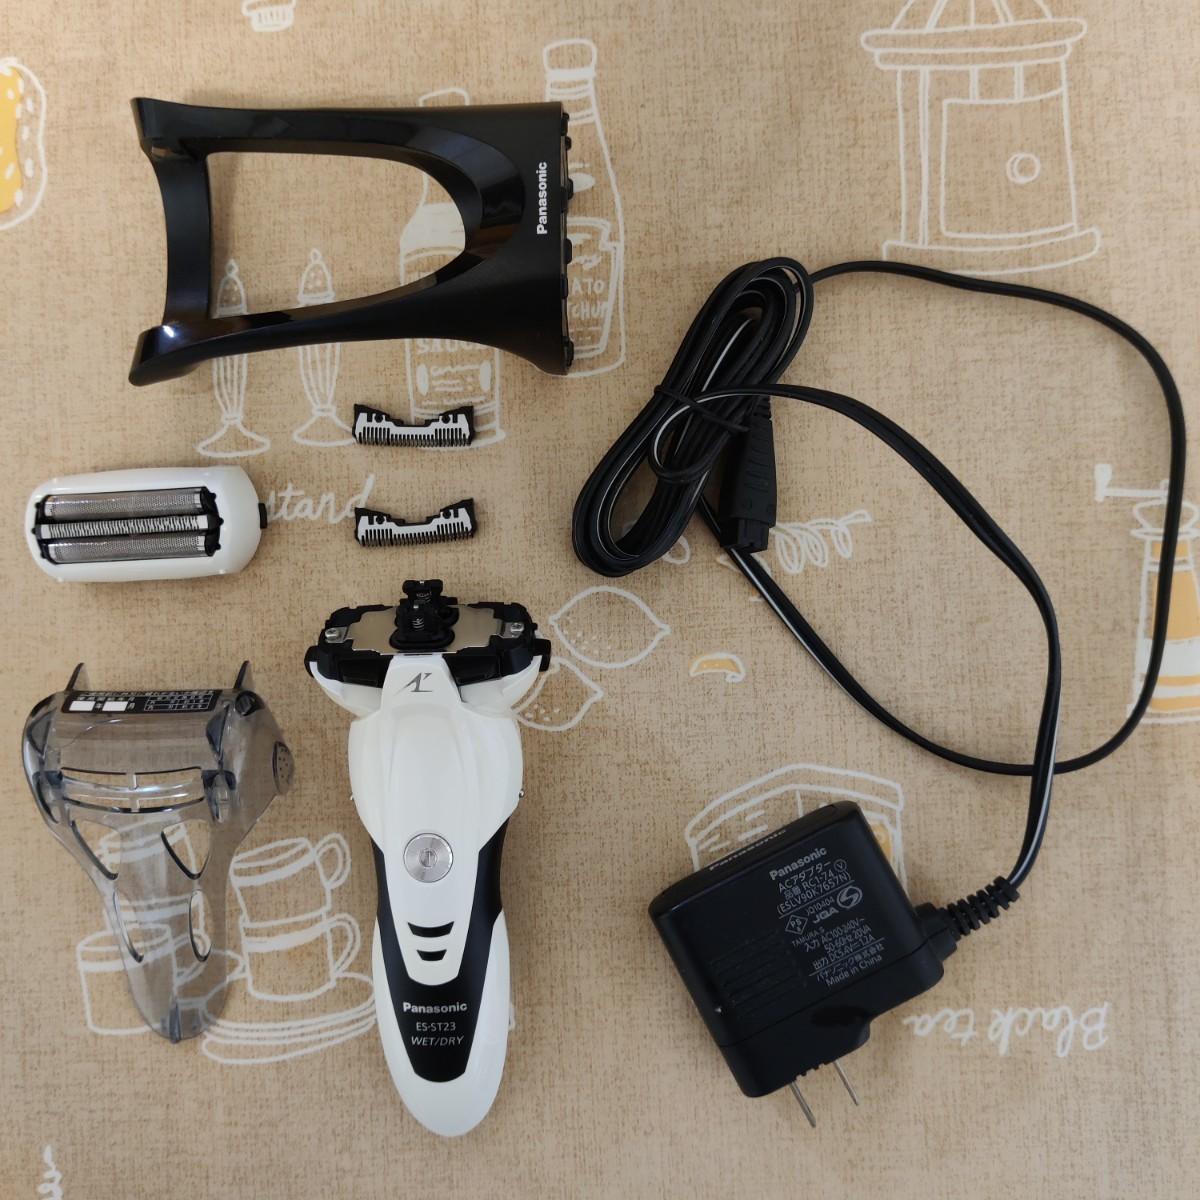 パナソニック製電動メンズシェーバー『ラムダッシュ ES-ST23』